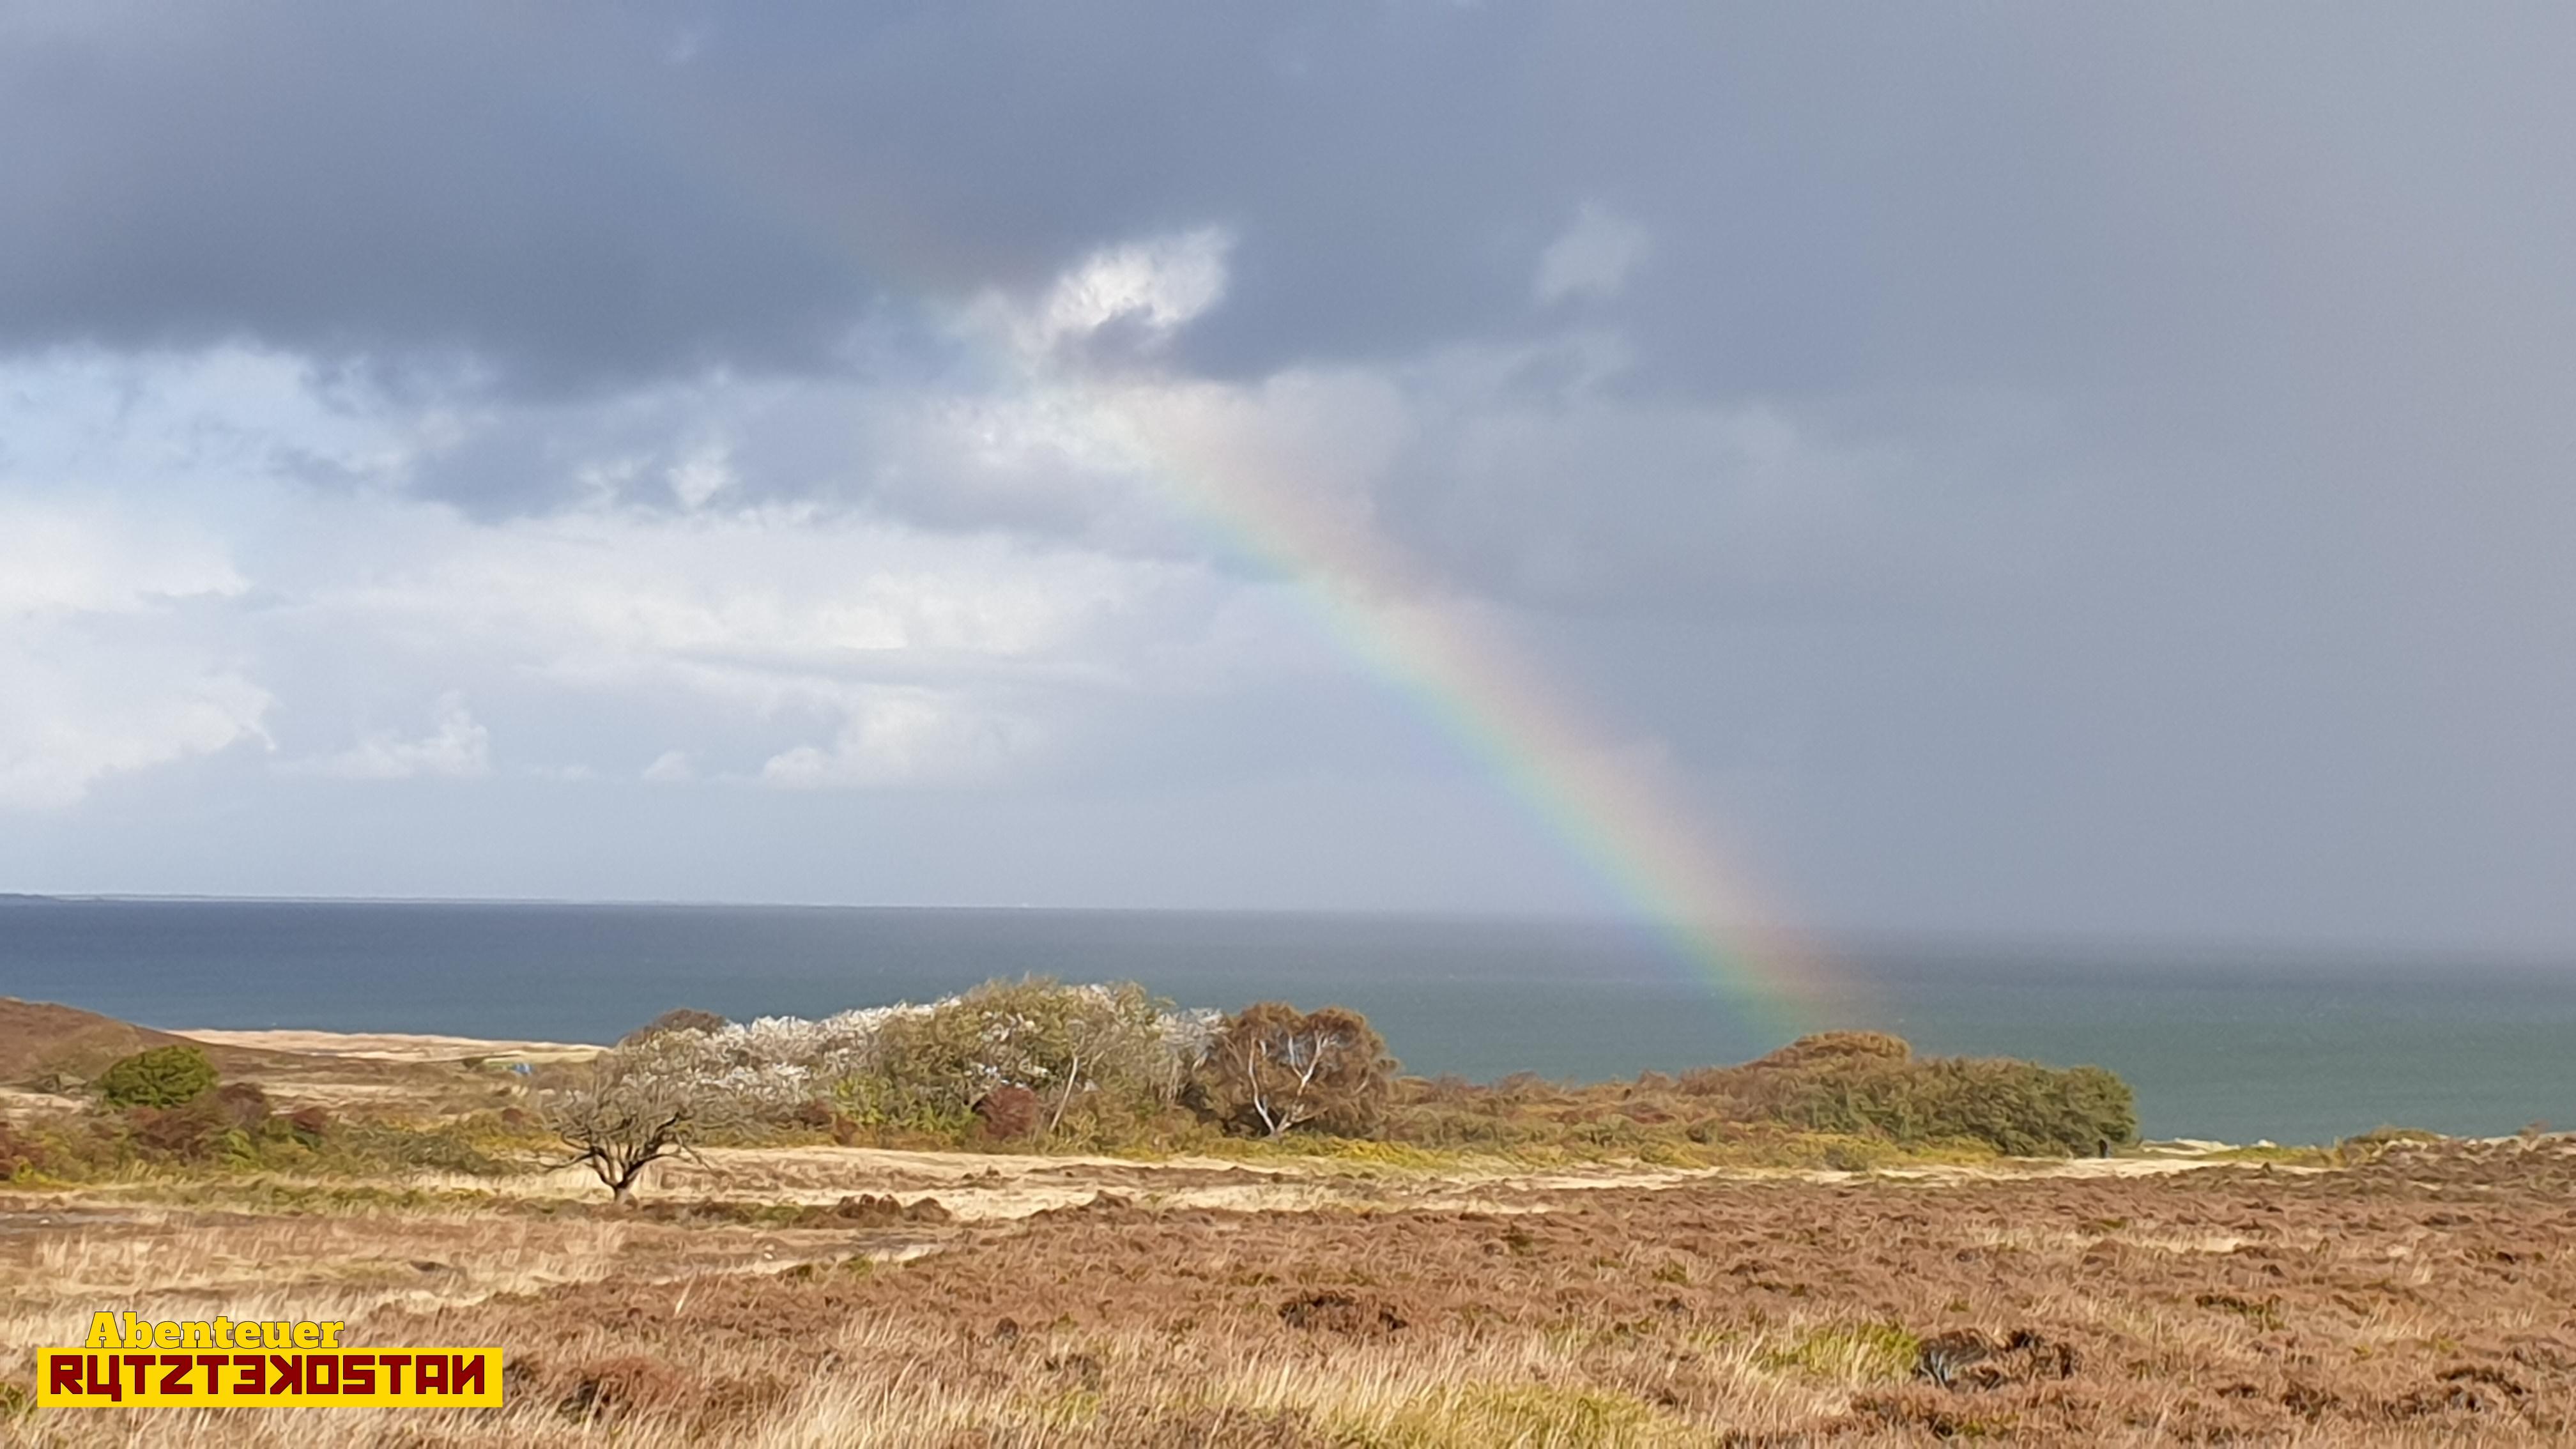 Ein Regenbogen zum Abschied